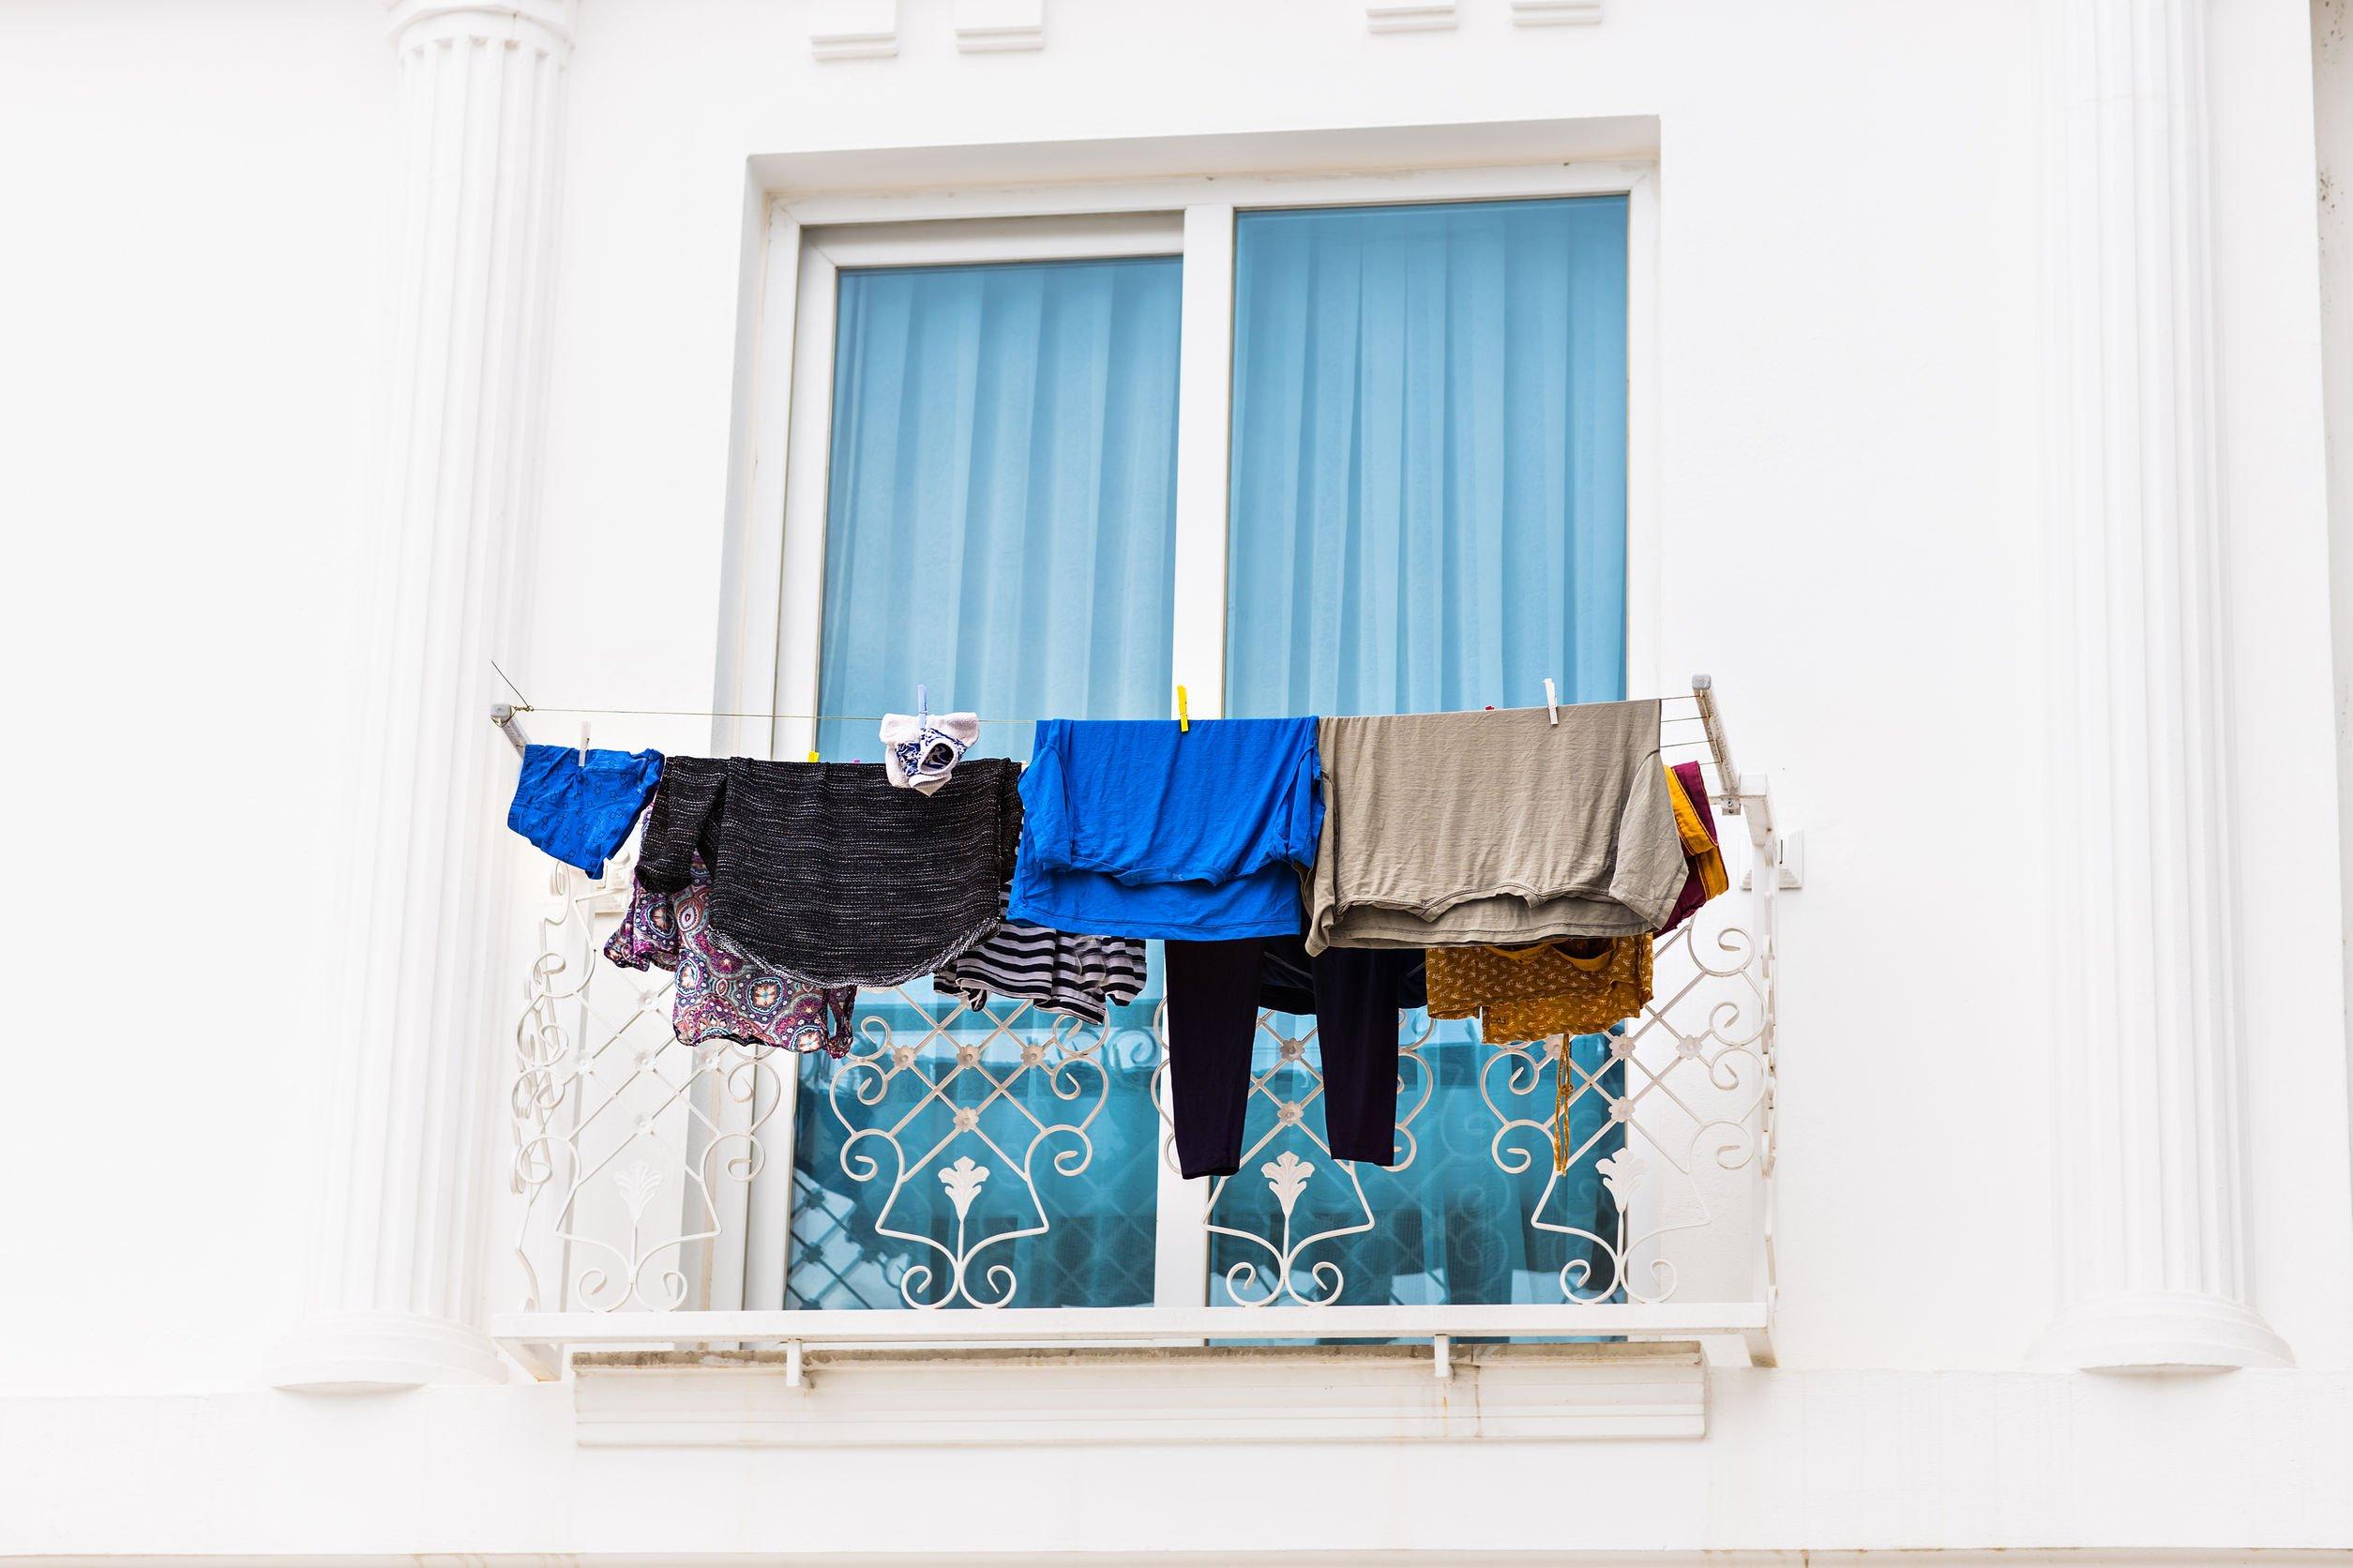 Balconi Esterni Condominio : Condominio panni stesi sul balcone i limiti di legge